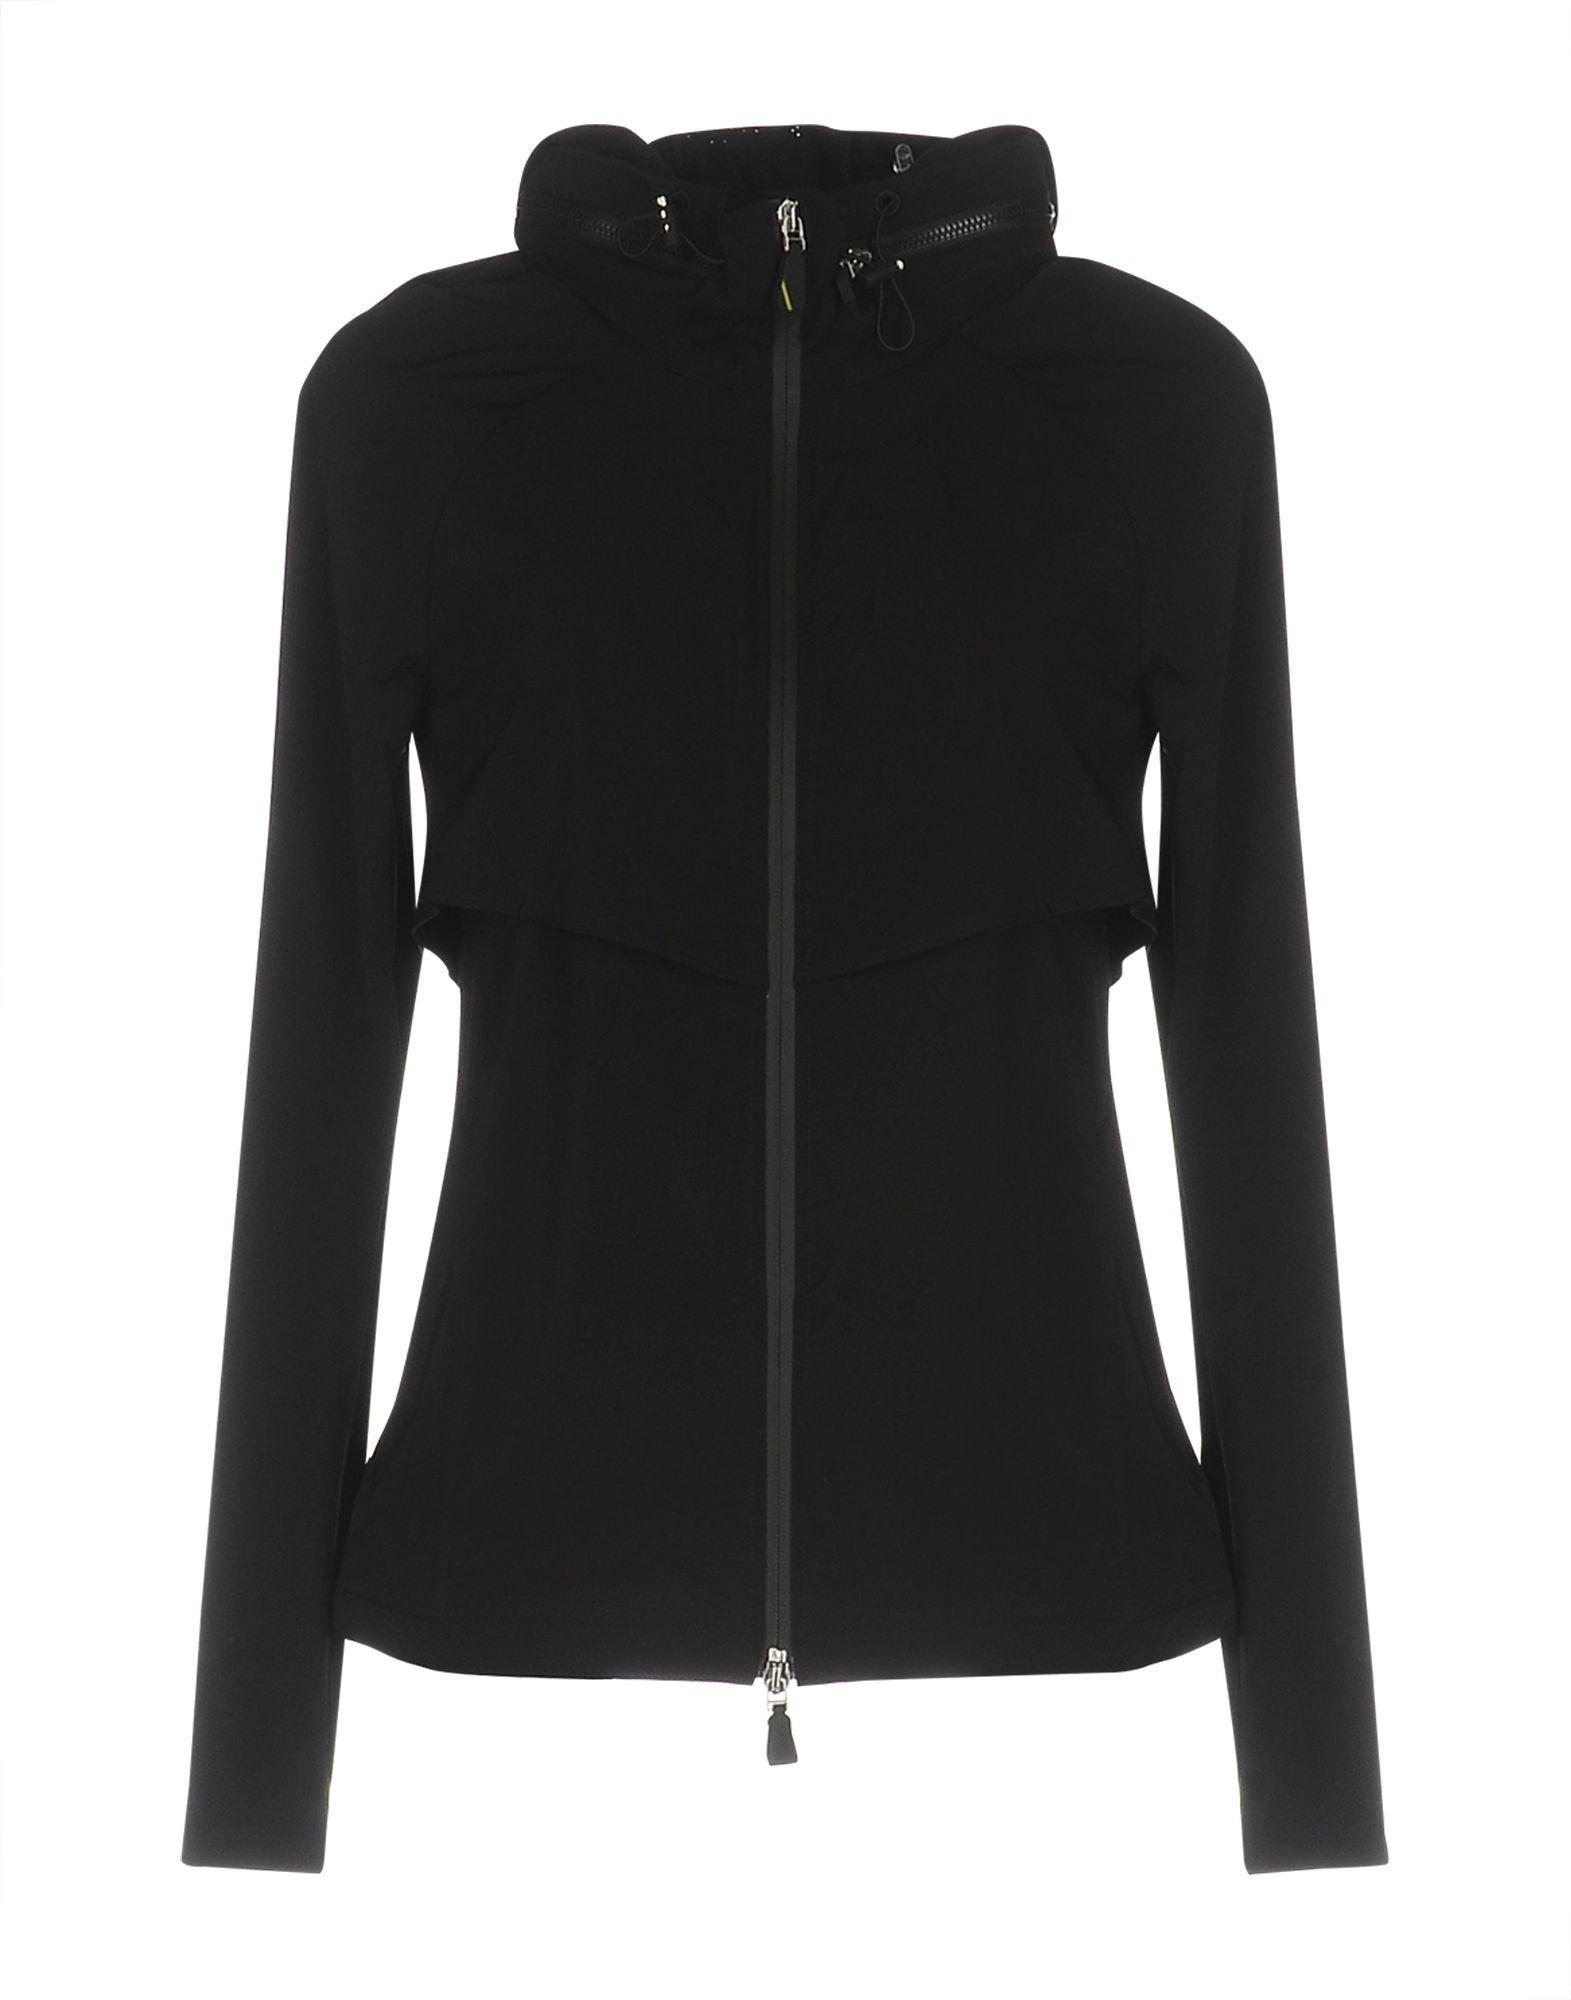 Sapopa Black Techno Fabric Jacket